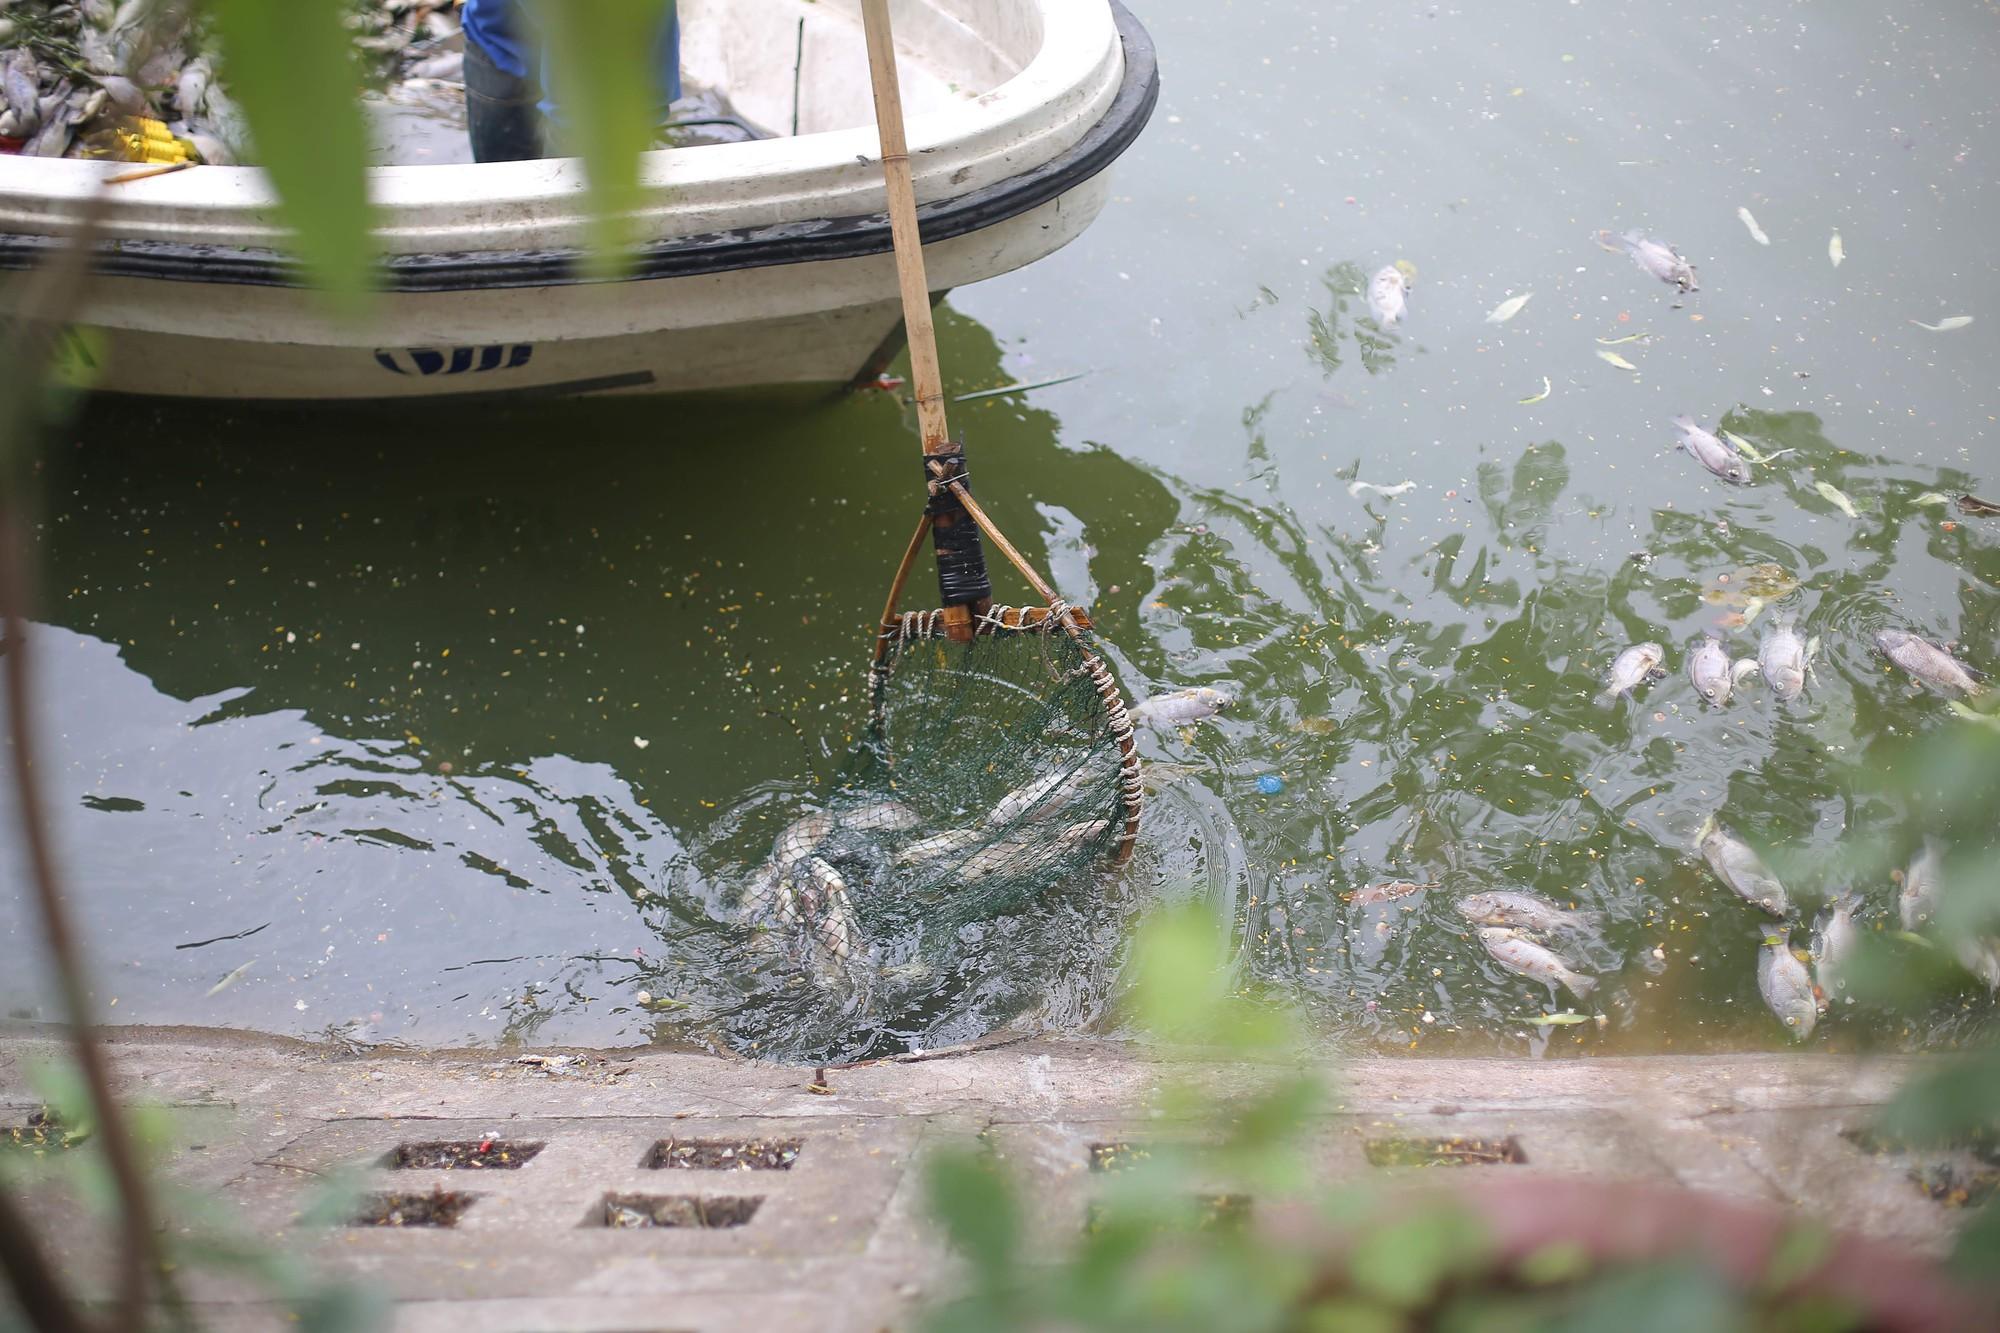 Hà Nội: Cá chết ở hồ Văn Chương khiến cư dân quanh hồ không dám thở - Ảnh 8.